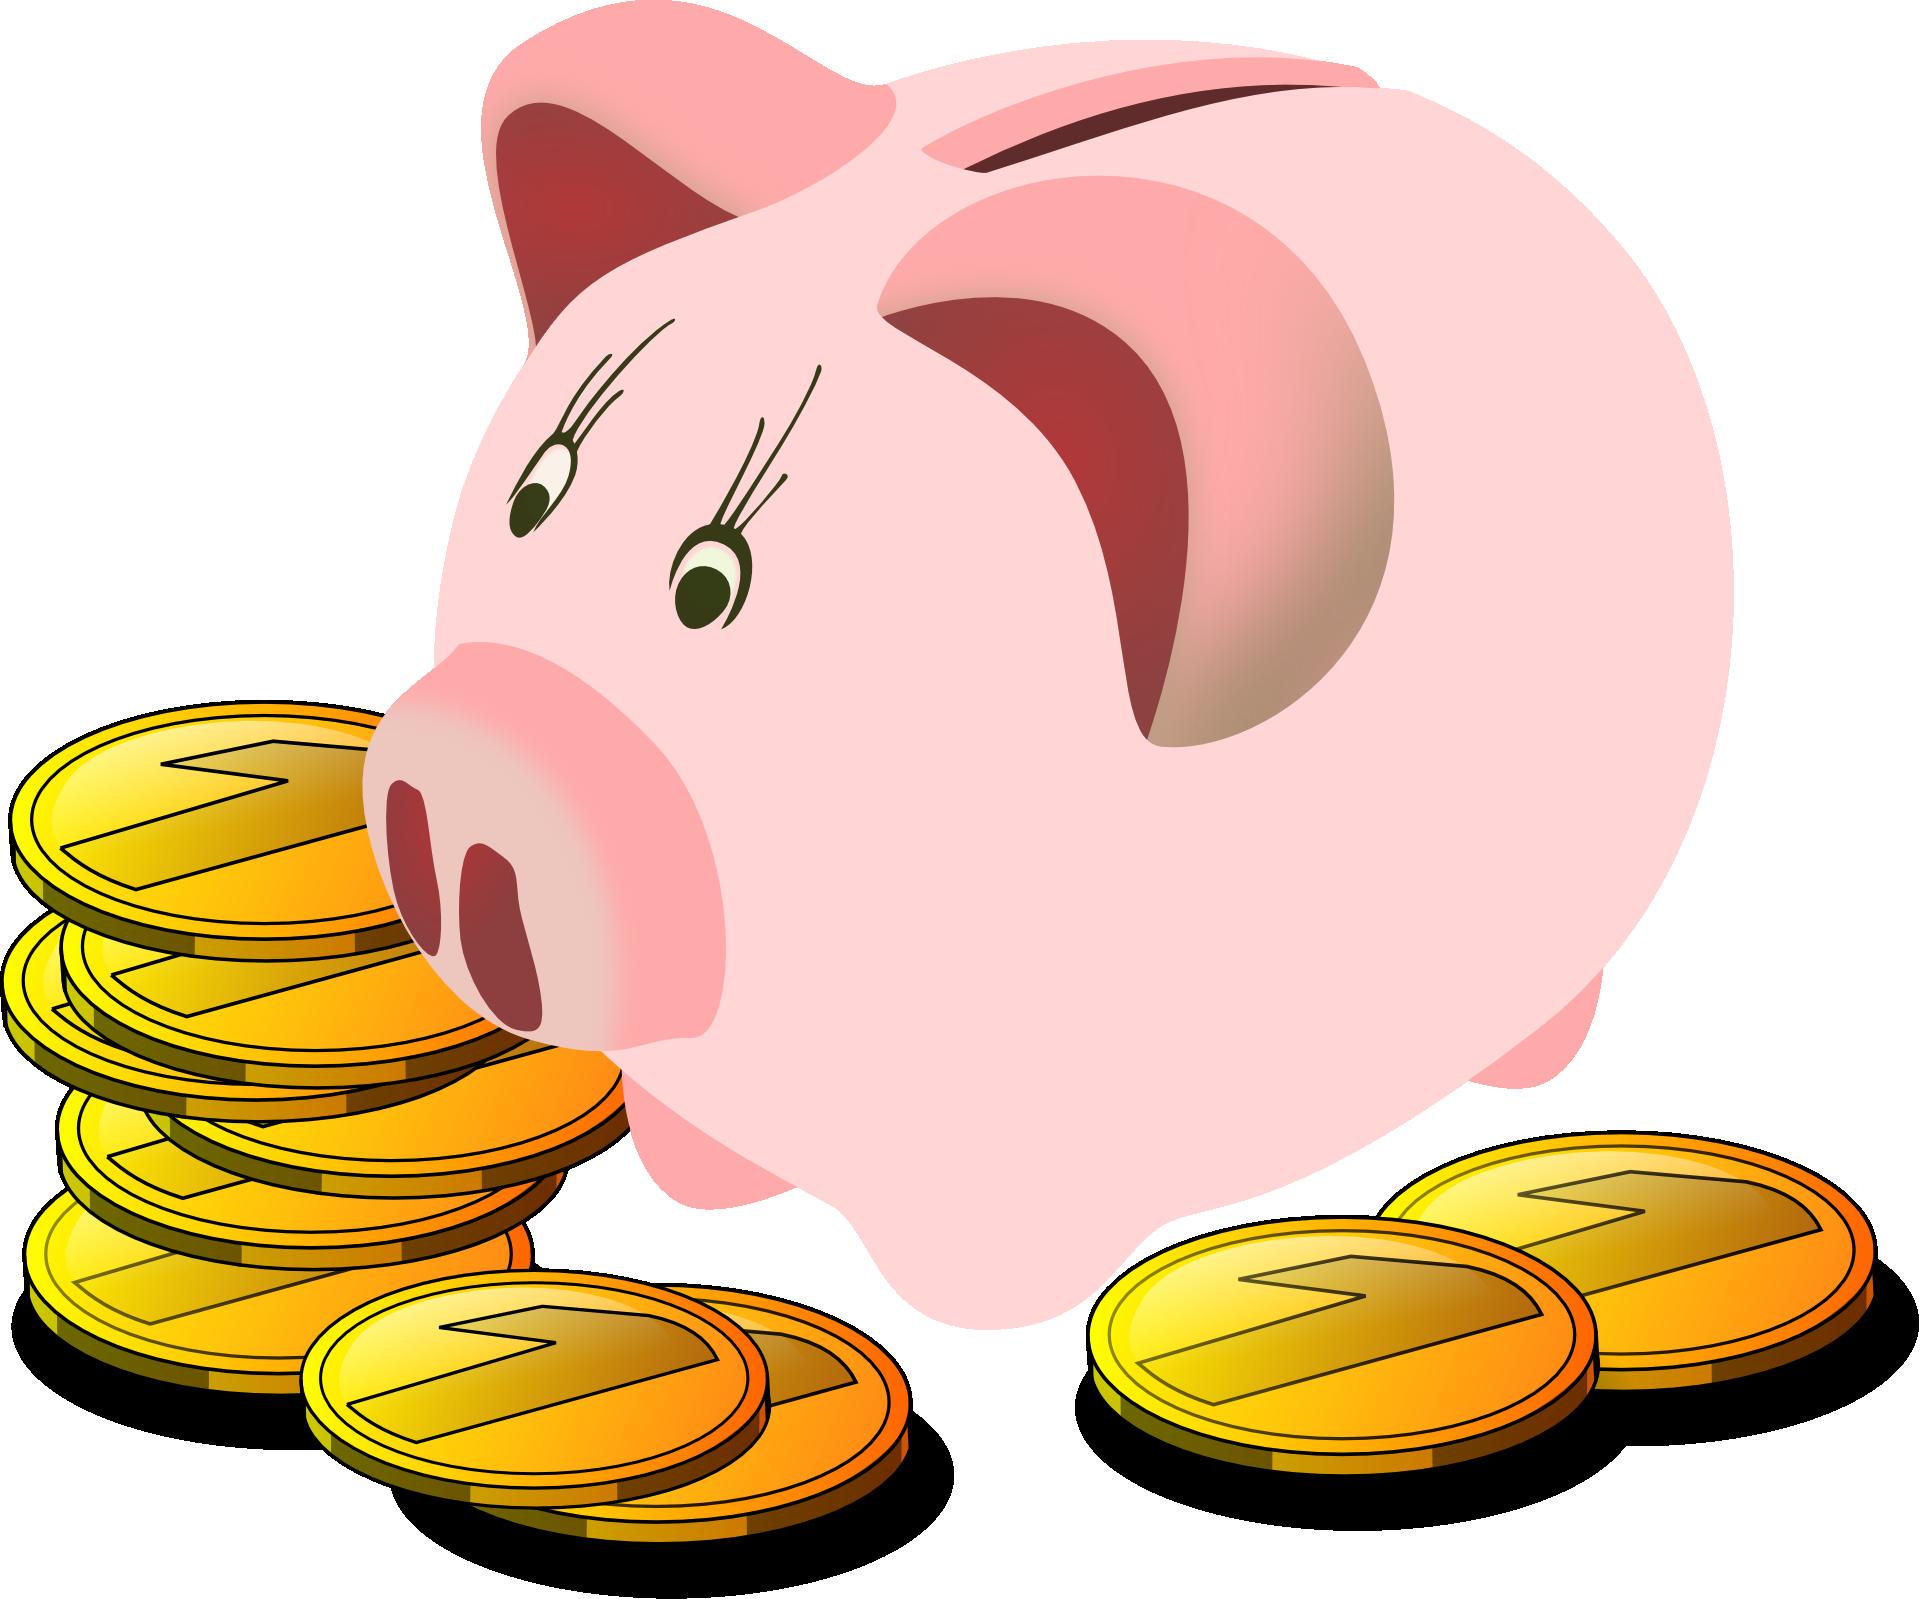 เงินฝากประจำเผื่อเหลือ-เผื่อขาด-เผื่อเรียก-เงินฝากSCB-imoney